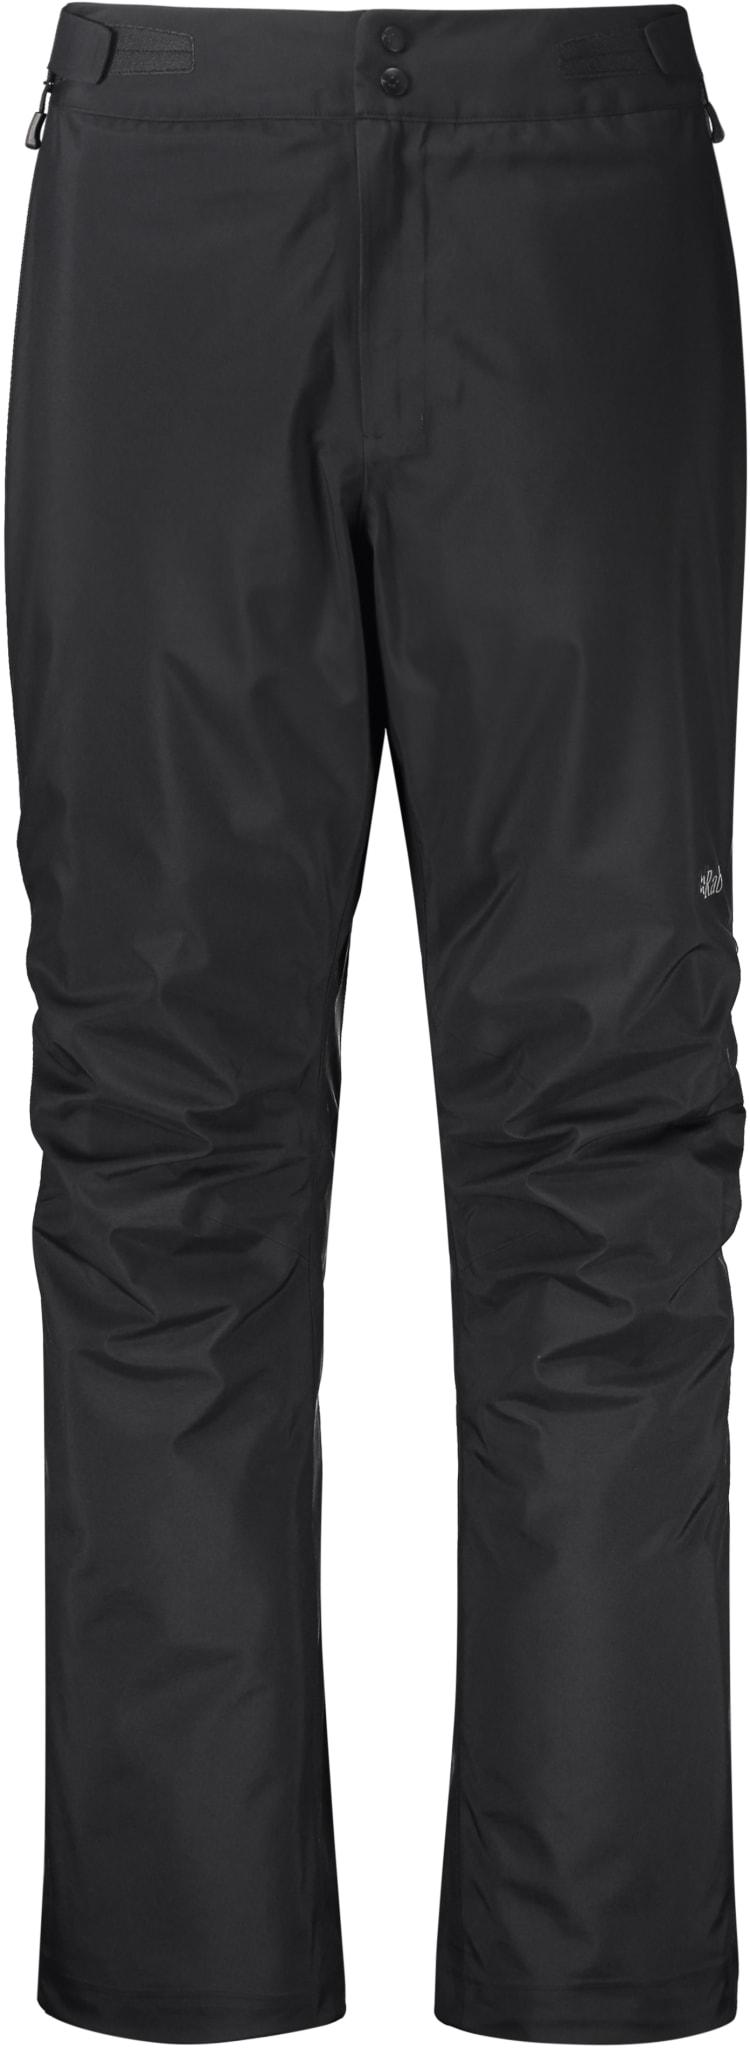 Allsidige GTX-bukser med svært god beskyttelse mot dårlig vær